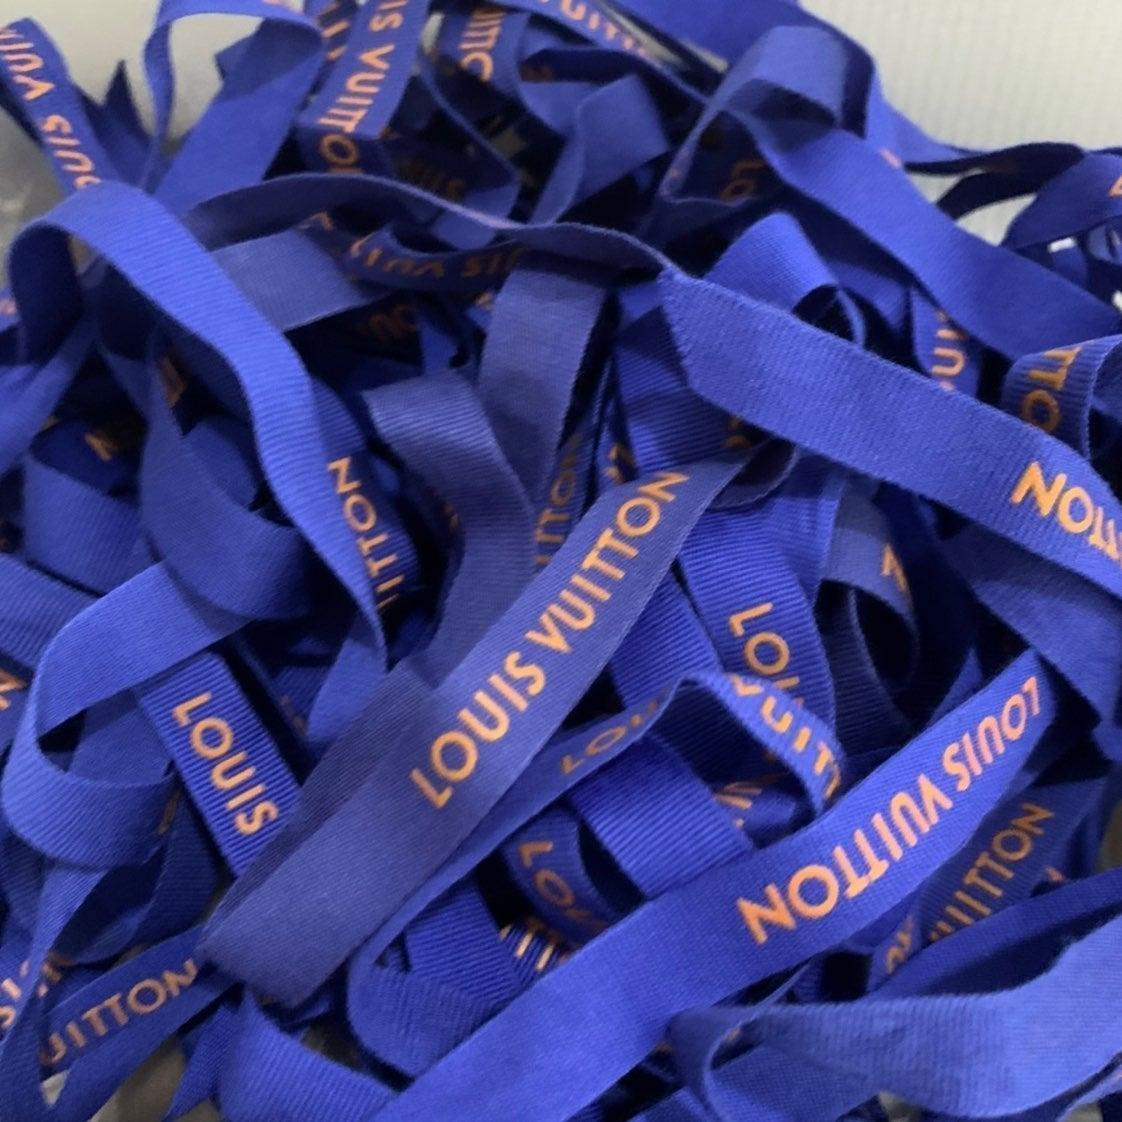 Louis vuitton ribbon $9 yard